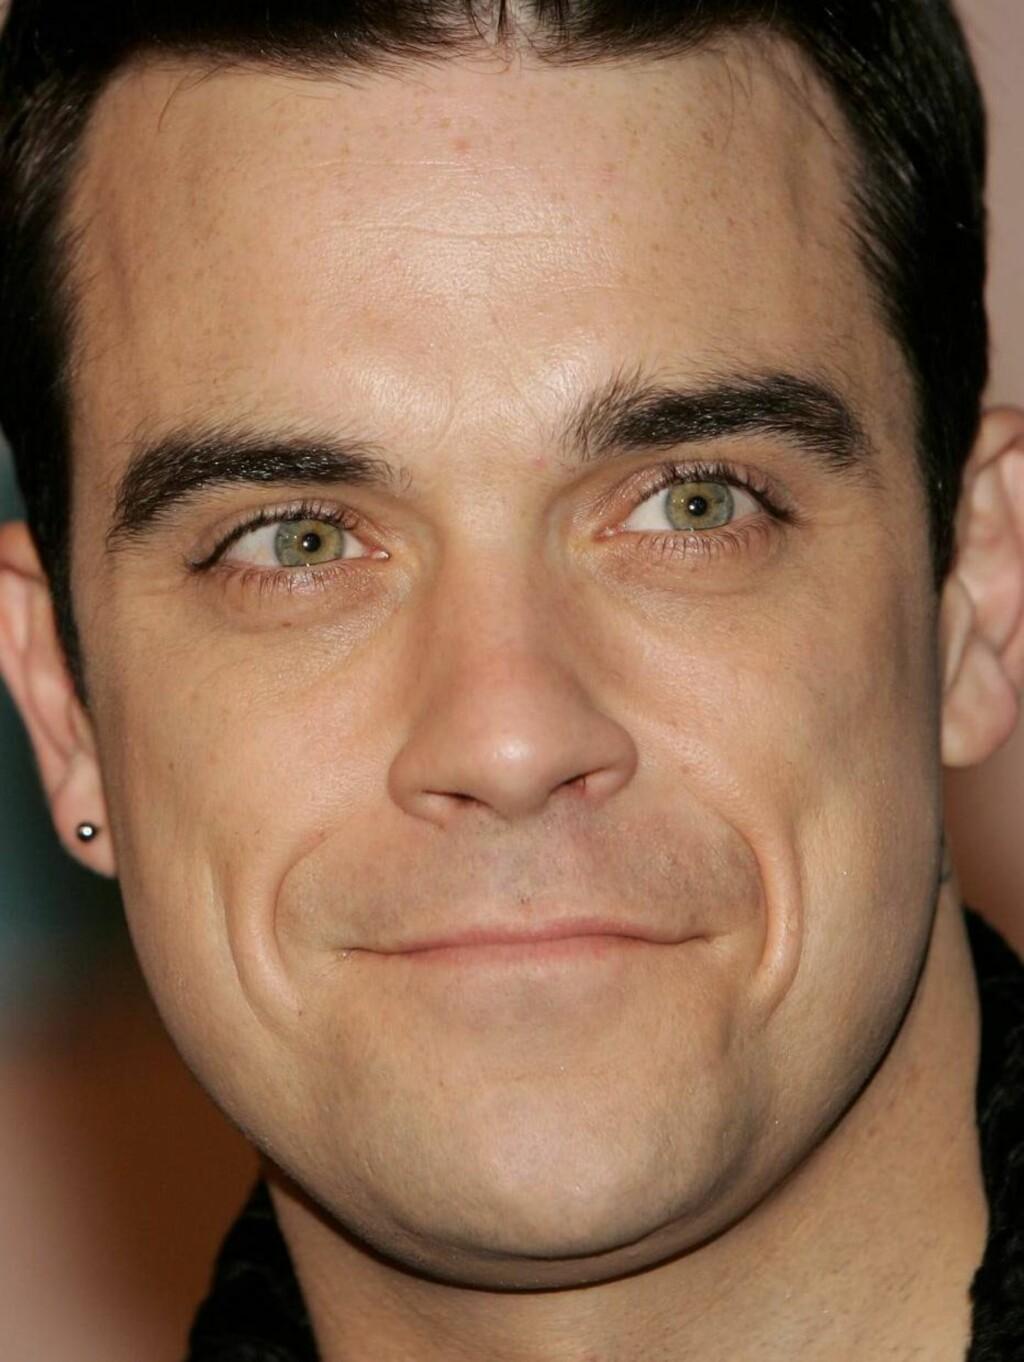 FLØRTEPUS: Britiske kvinner har kåret Robbie Williams til vår tids Casanova. Foto: All Over Press